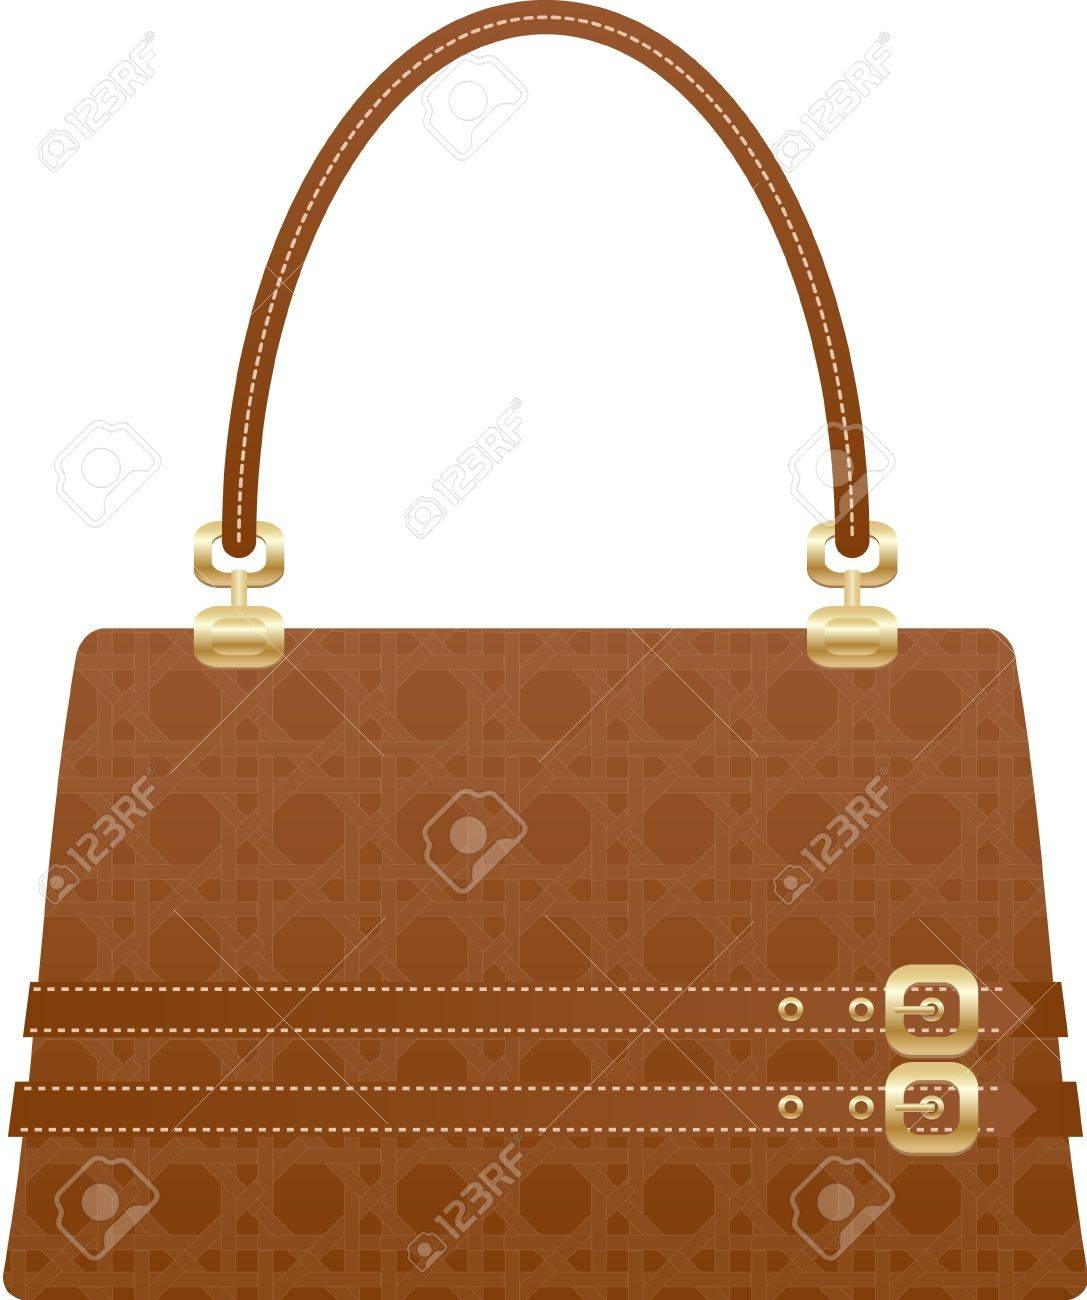 5f2137f6b6a4b Schöne Handtasche Tasche auf den weißen Hintergrund Standard-Bild - 7728405